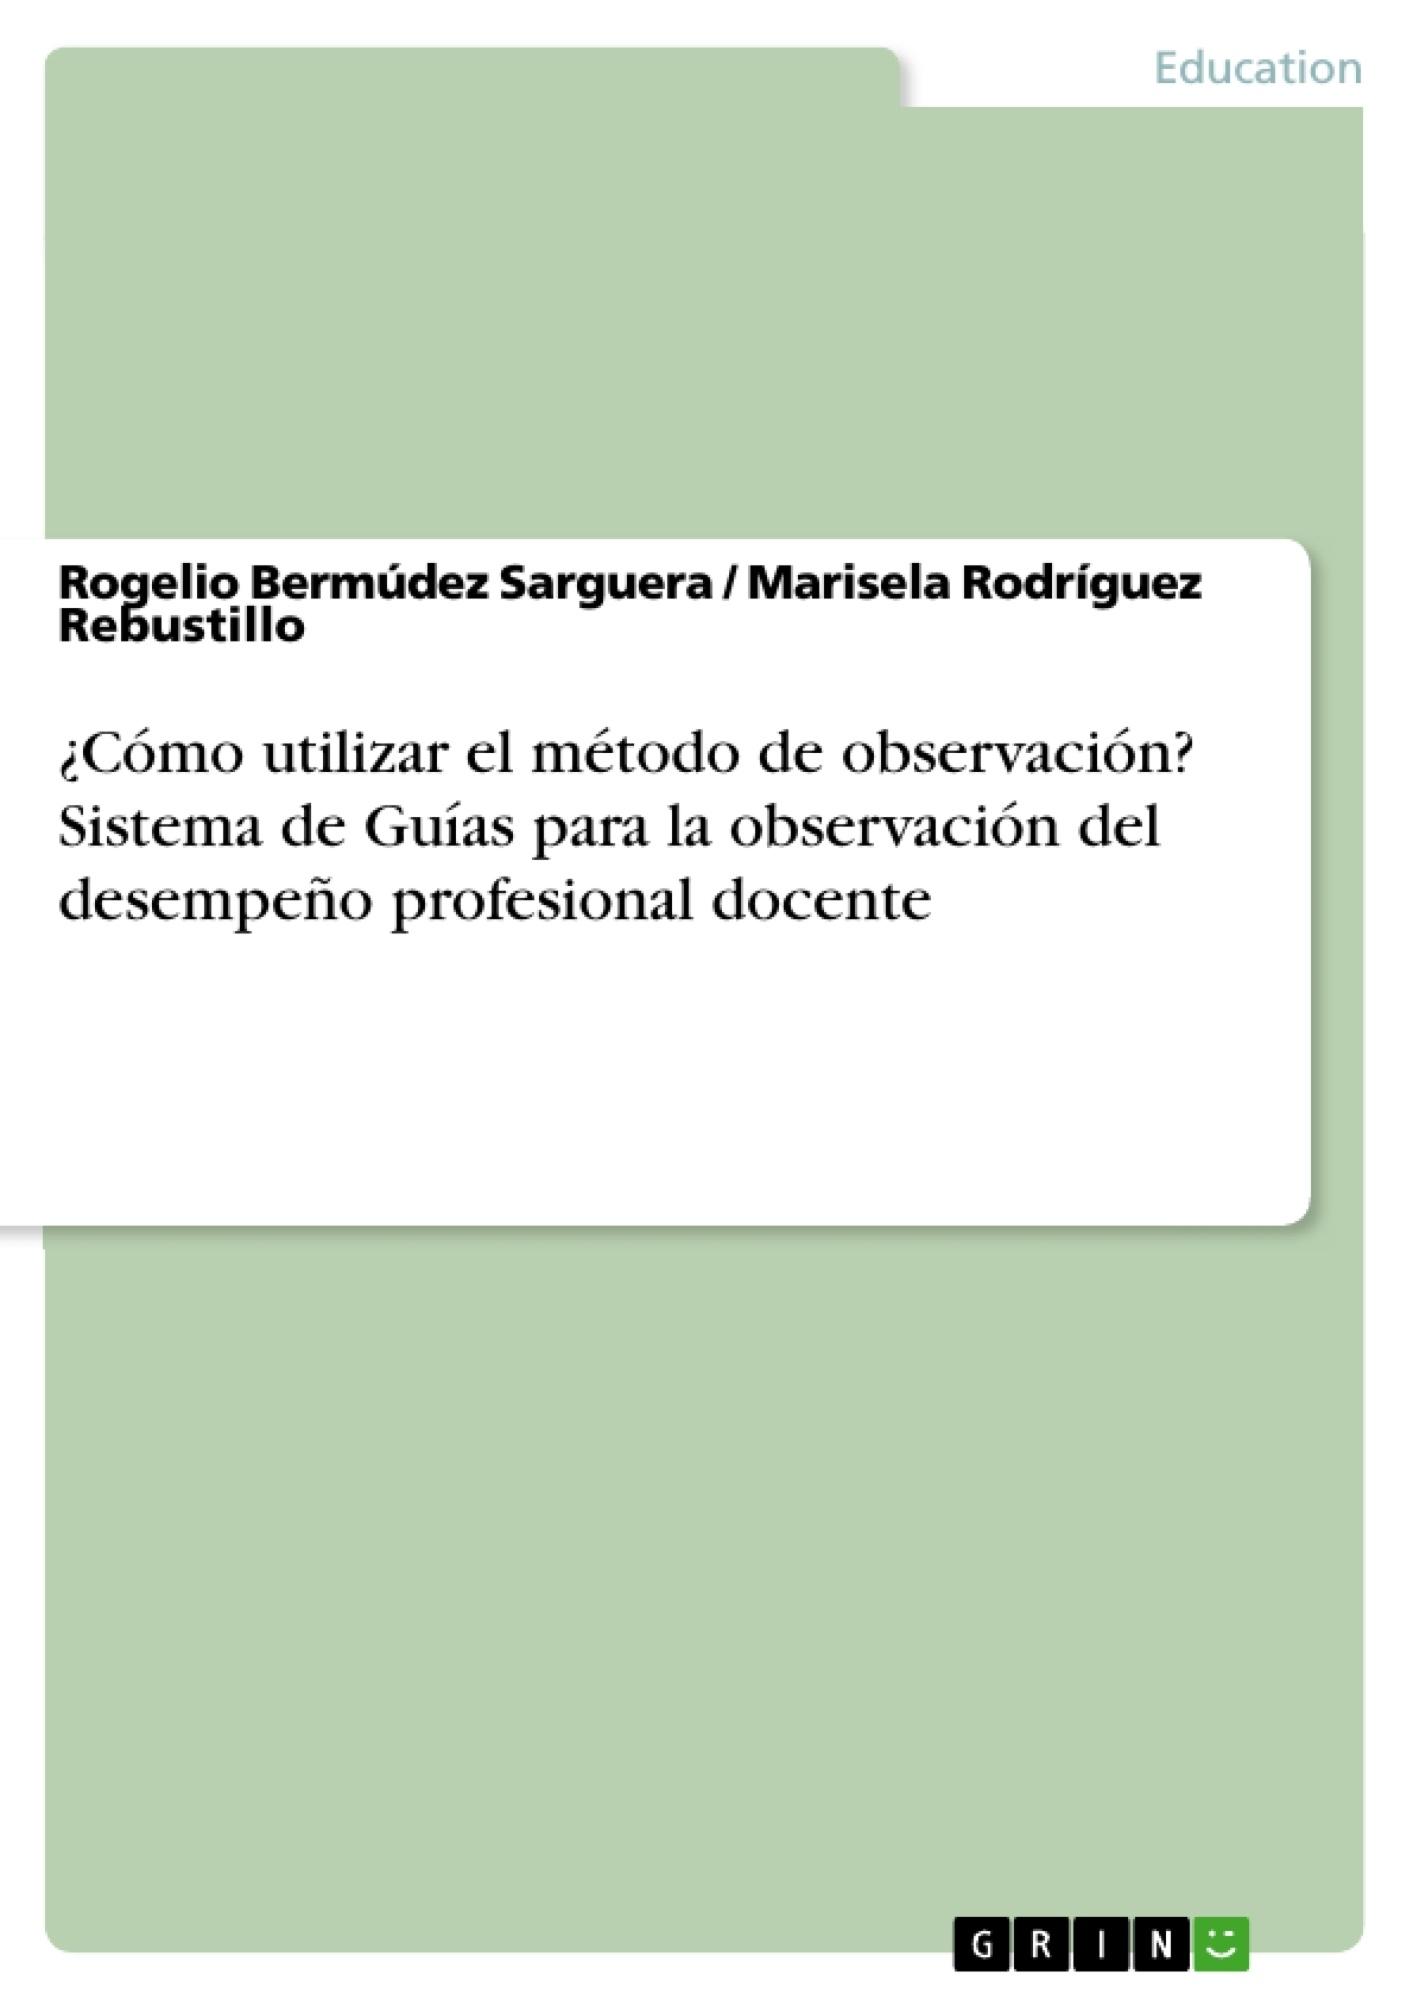 Título: ¿Cómo utilizar el método de observación? Sistema de Guías para la observación del desempeño profesional docente